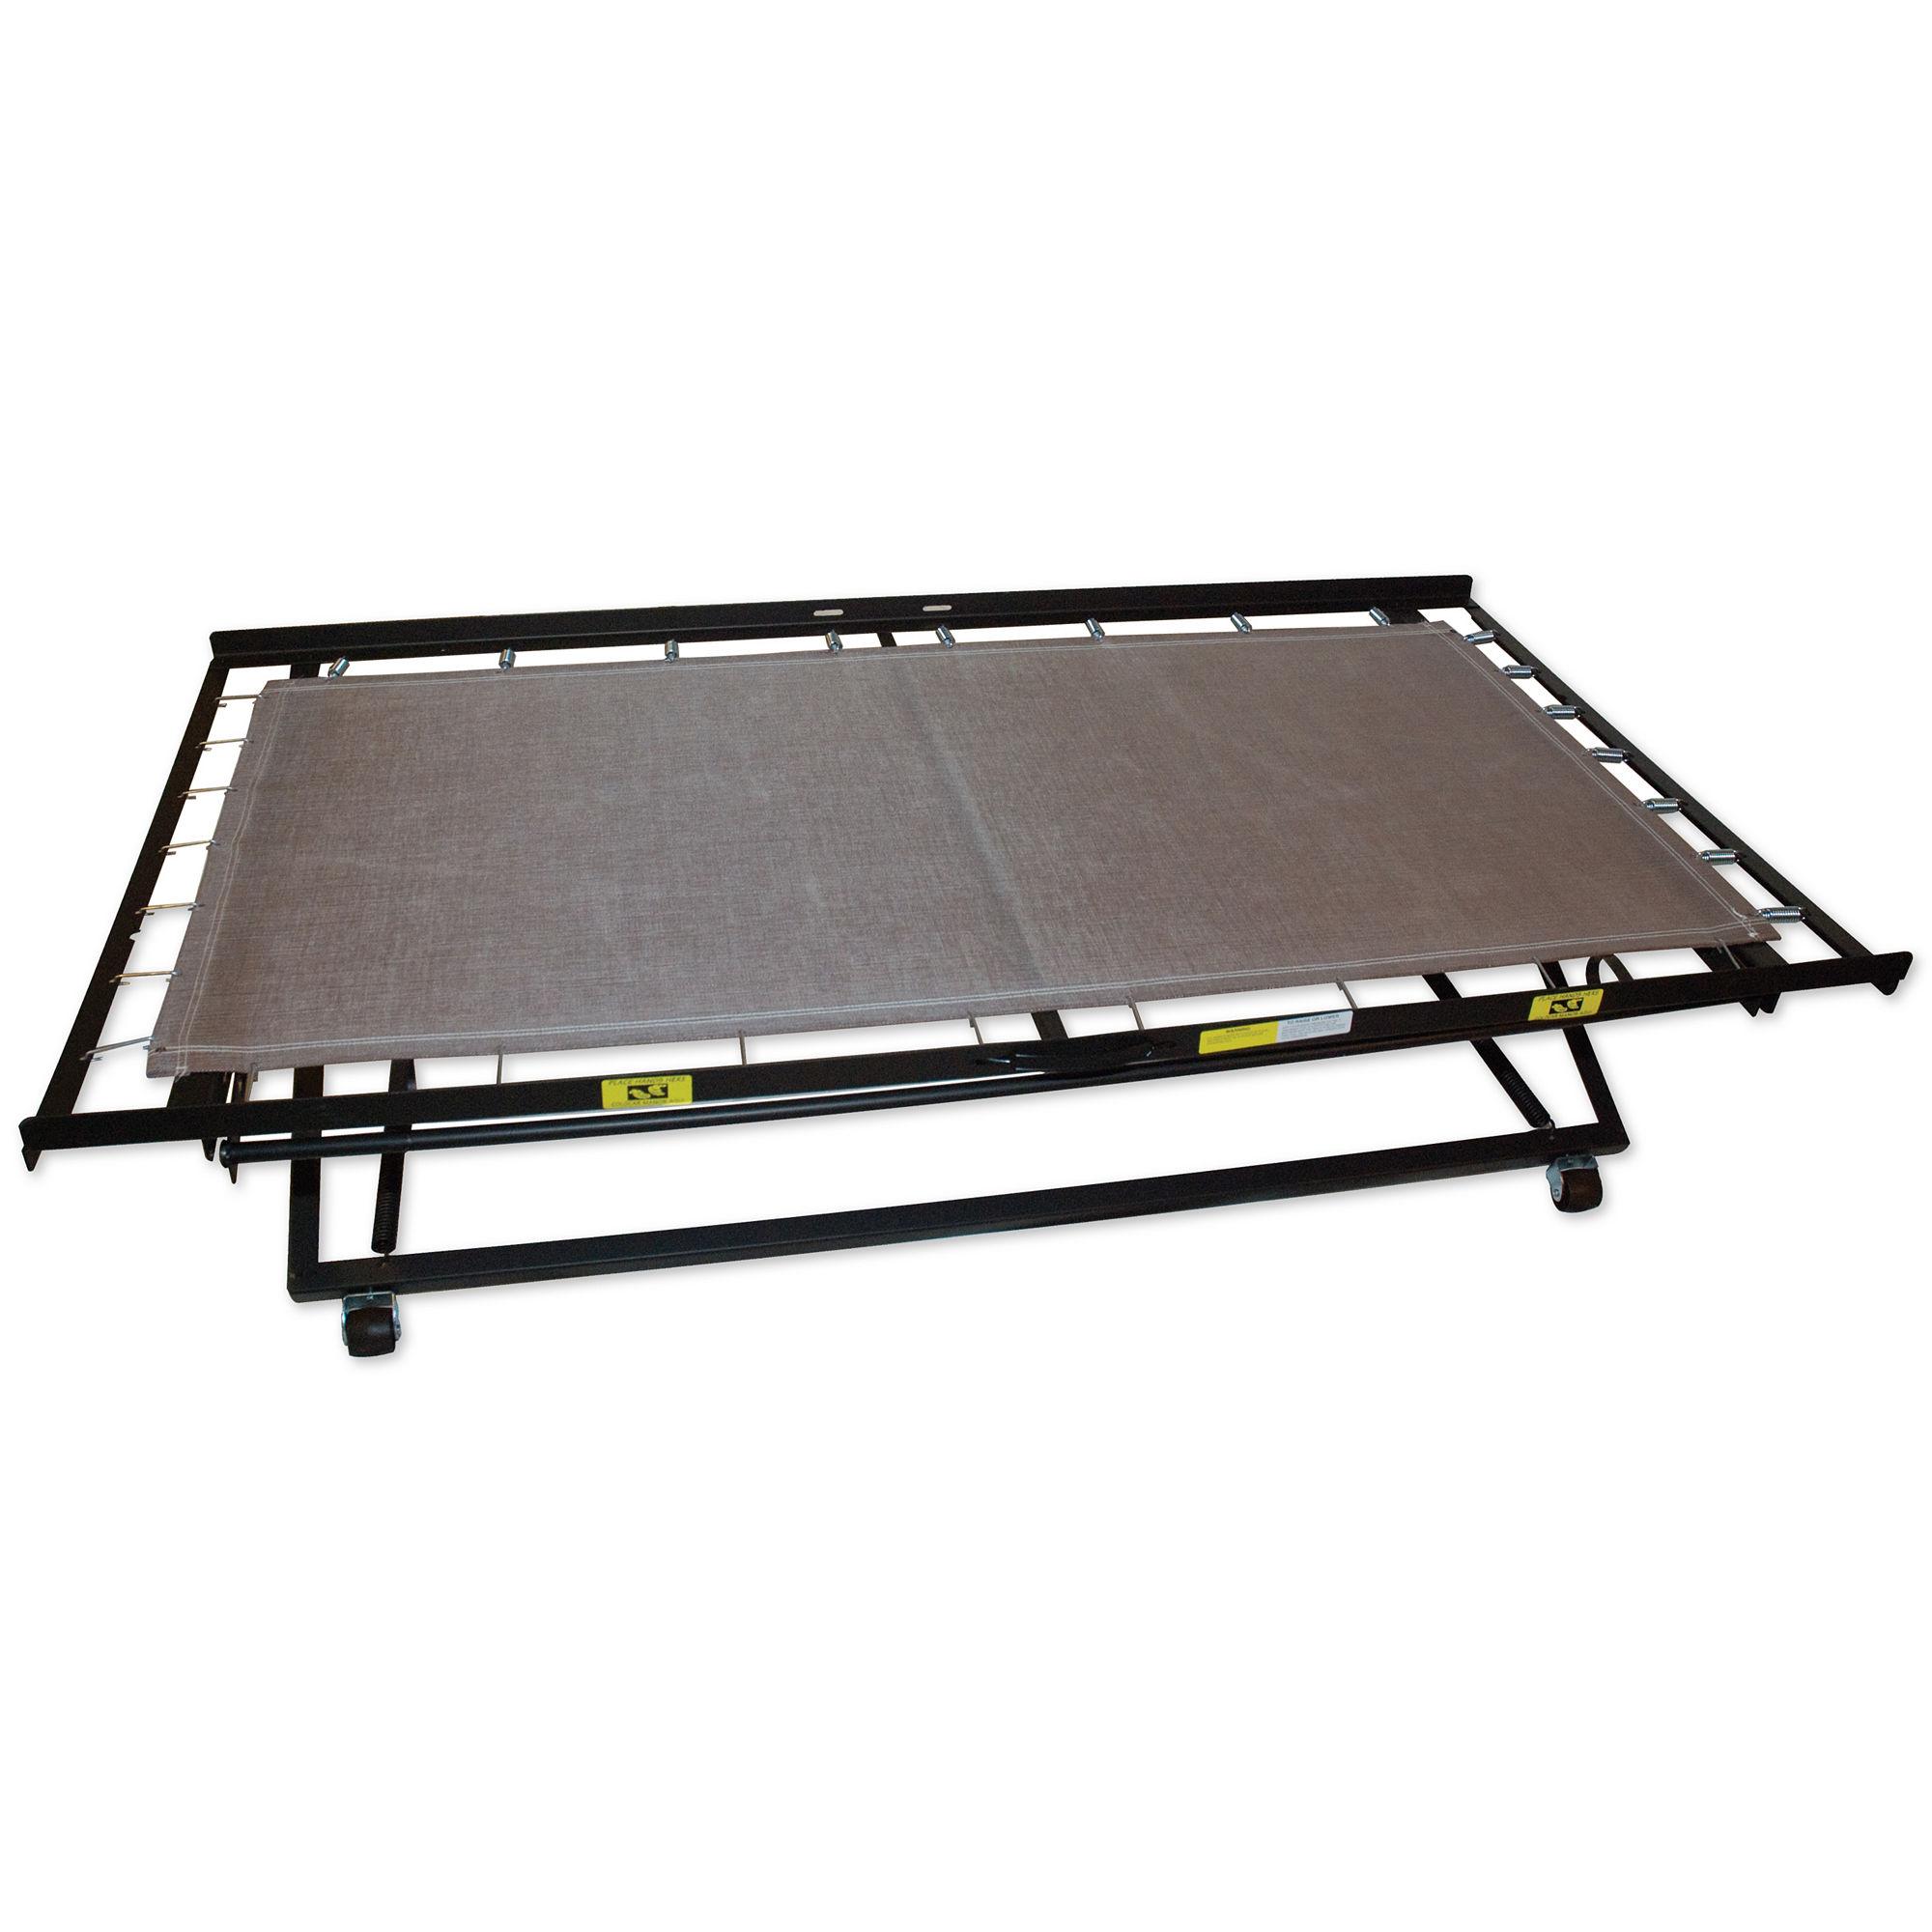 33 39 39 steel high riser day bed frame pop up trundle Bedroom furniture high riser bed frame